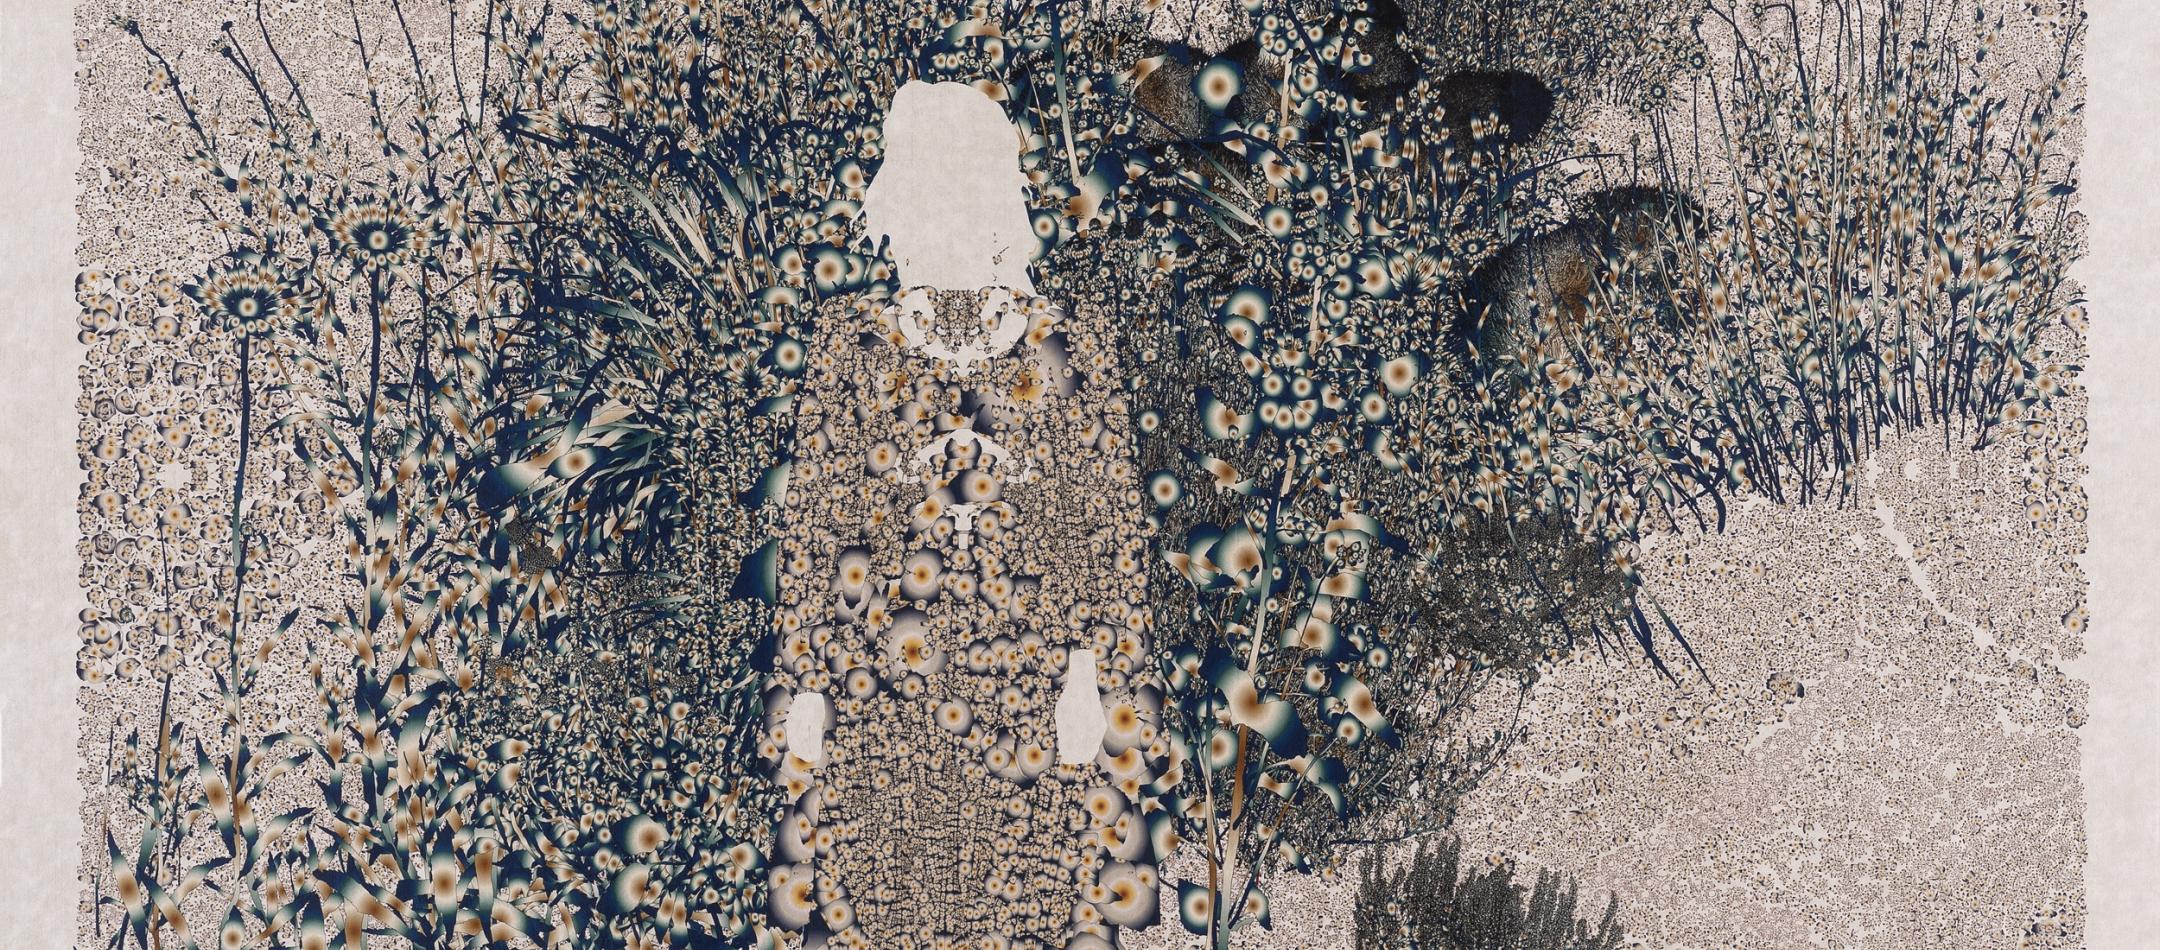 Andy Millner: Floating World